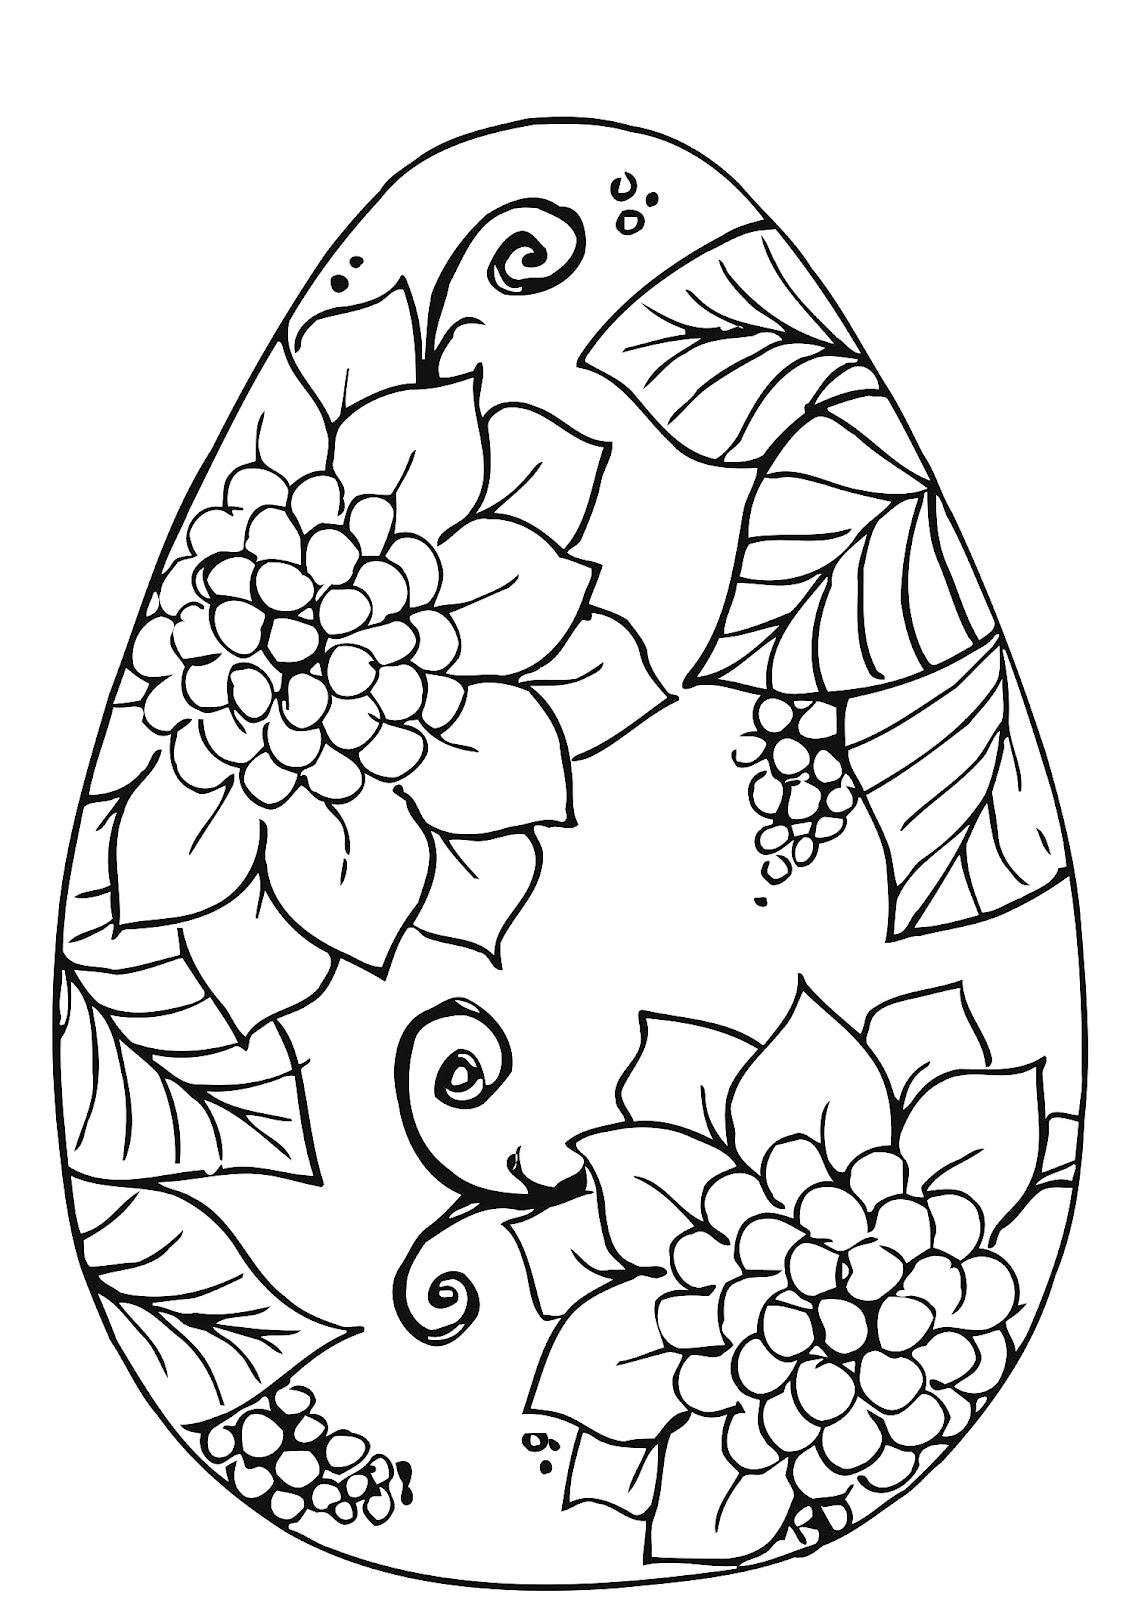 Kleurplaten Me To You.Free Coloring Page Easter Kleurplaat Pasen Bddesigns